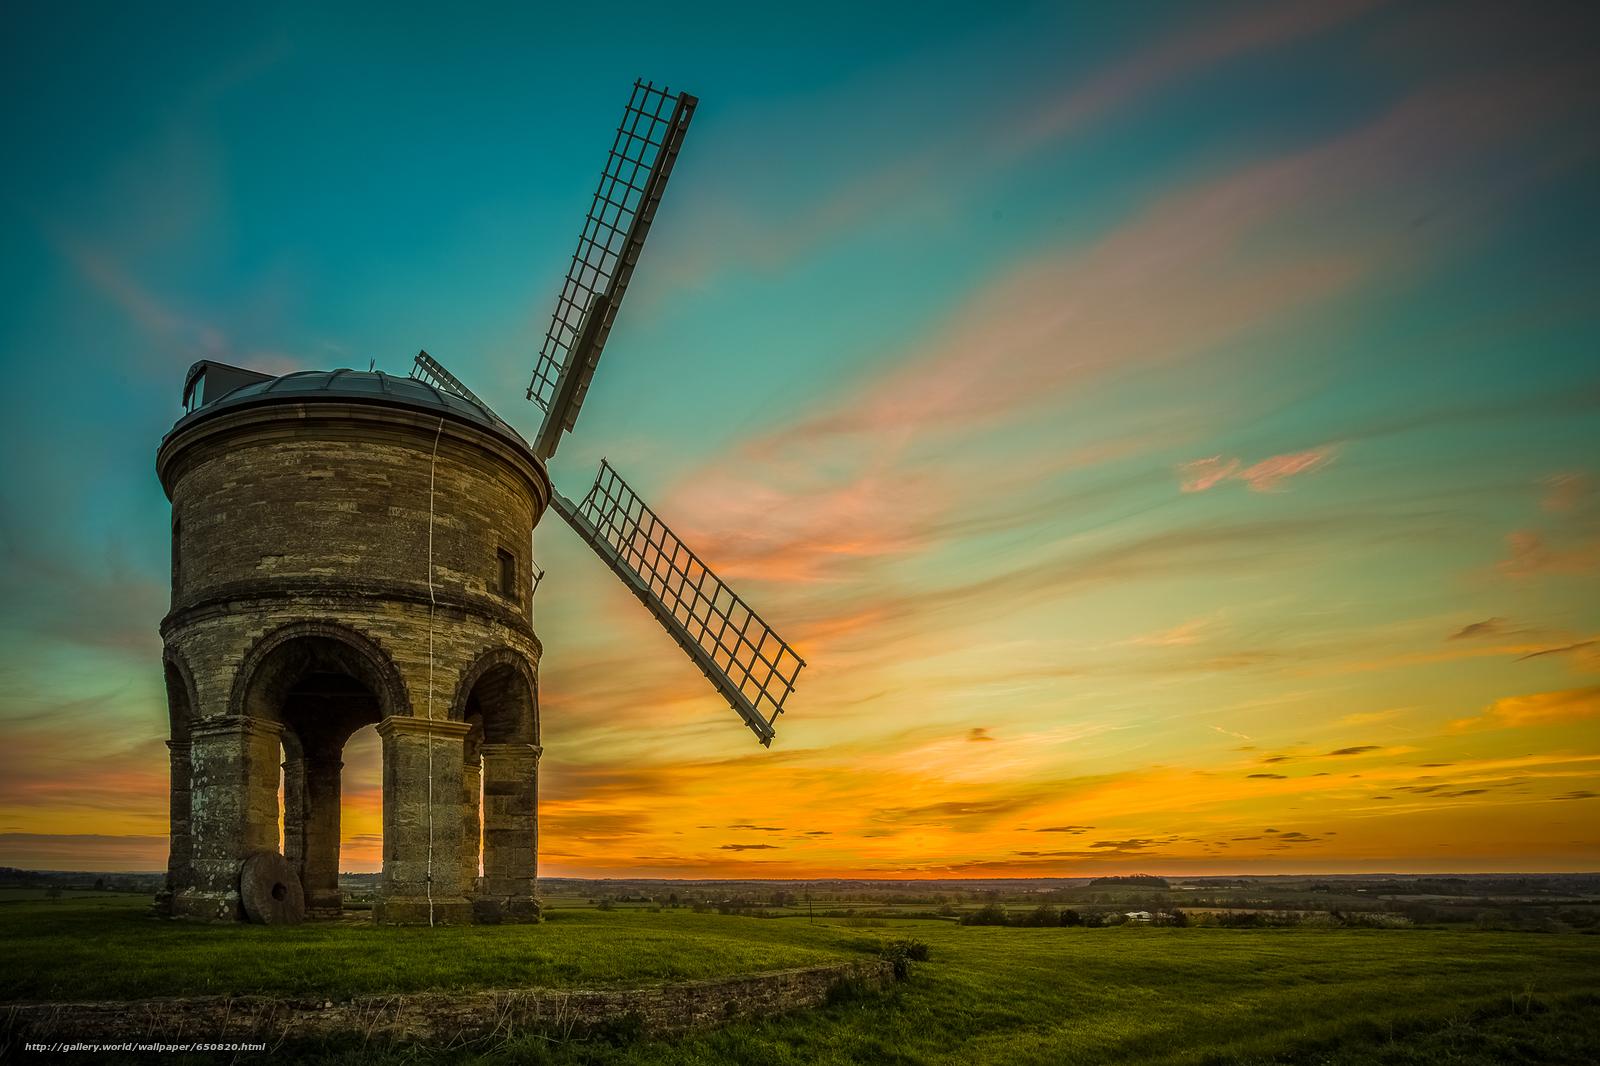 Скачать обои Честертон ветряная мельница,  Уорикшир,  Великобритания,  Chesterton Windmill бесплатно для рабочего стола в разрешении 2048x1365 — картинка №650820